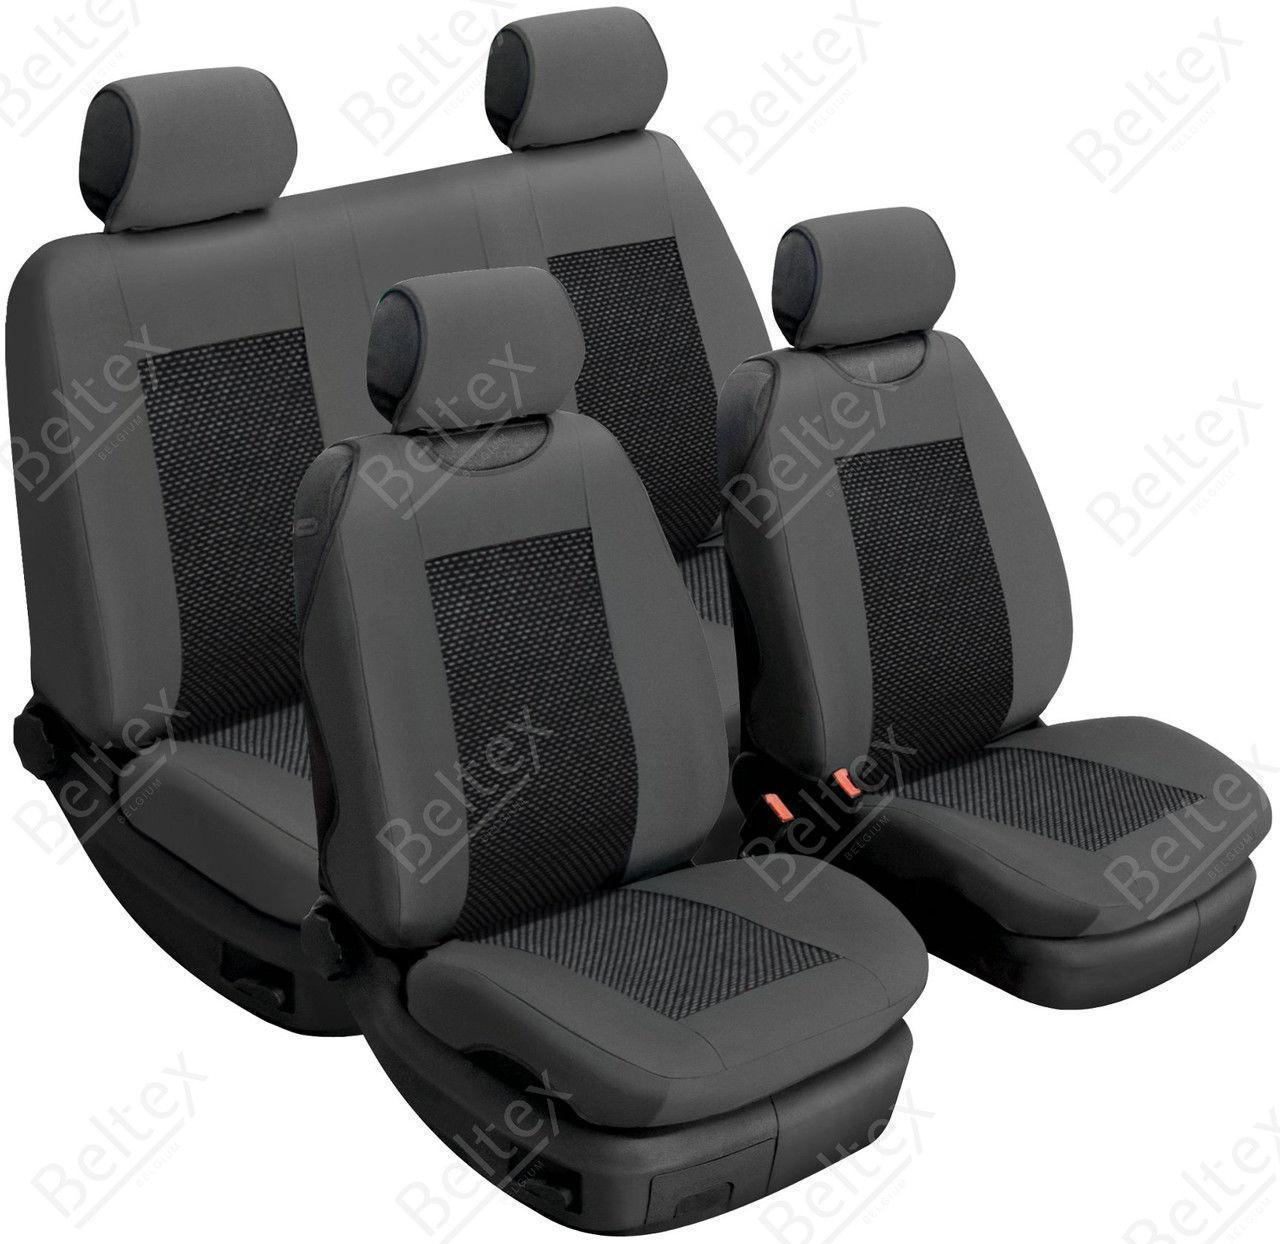 Майки/чехлы на сиденья Ниссан Кубистар (Nissan Kubistar)